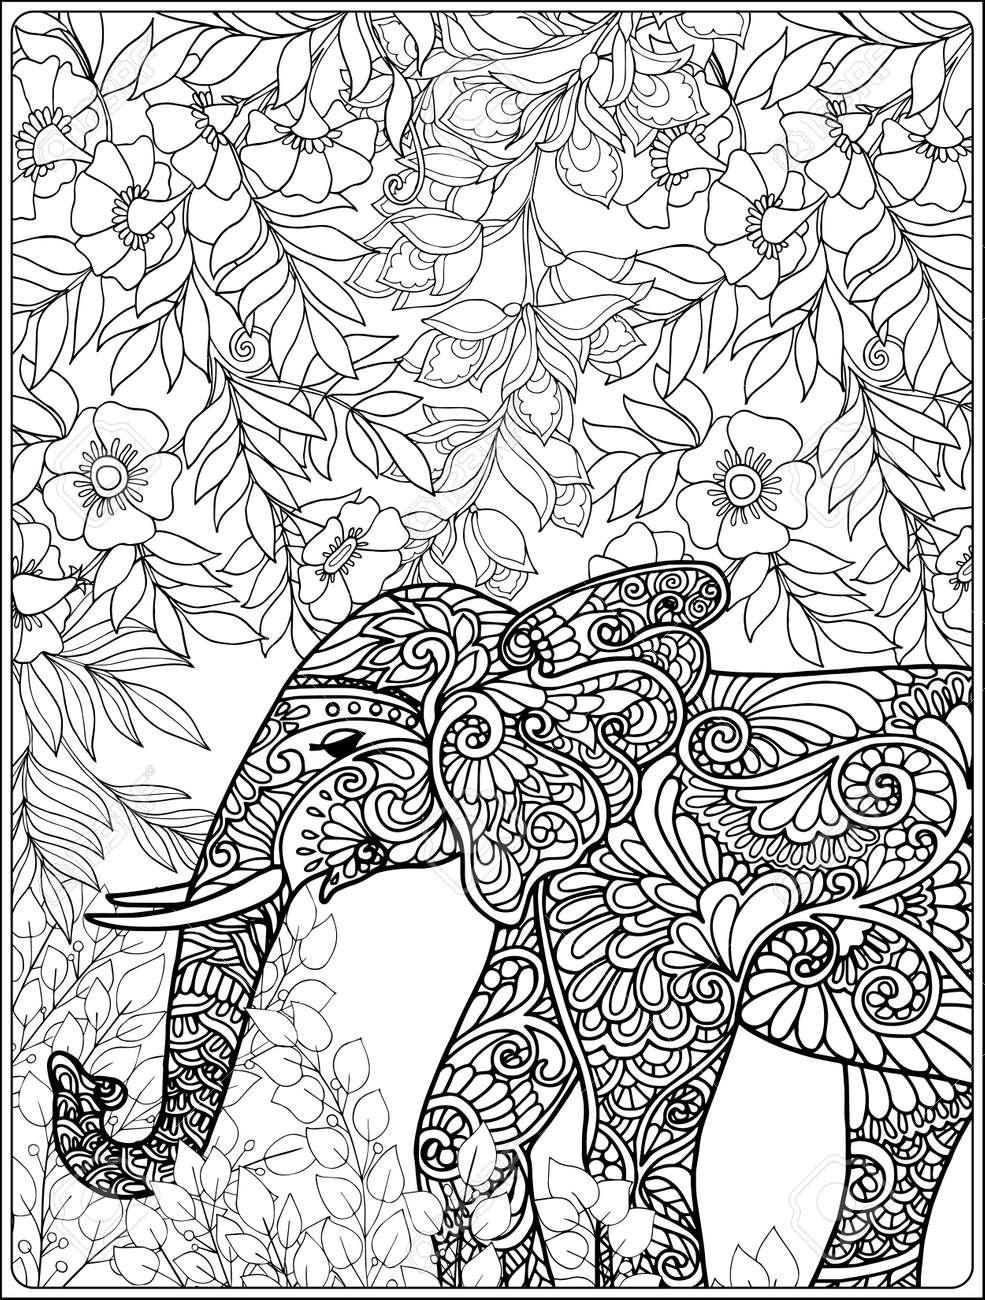 Malvorlage Mit Elefanten Im Wald Malbuch Für Erwachsene Und ältere